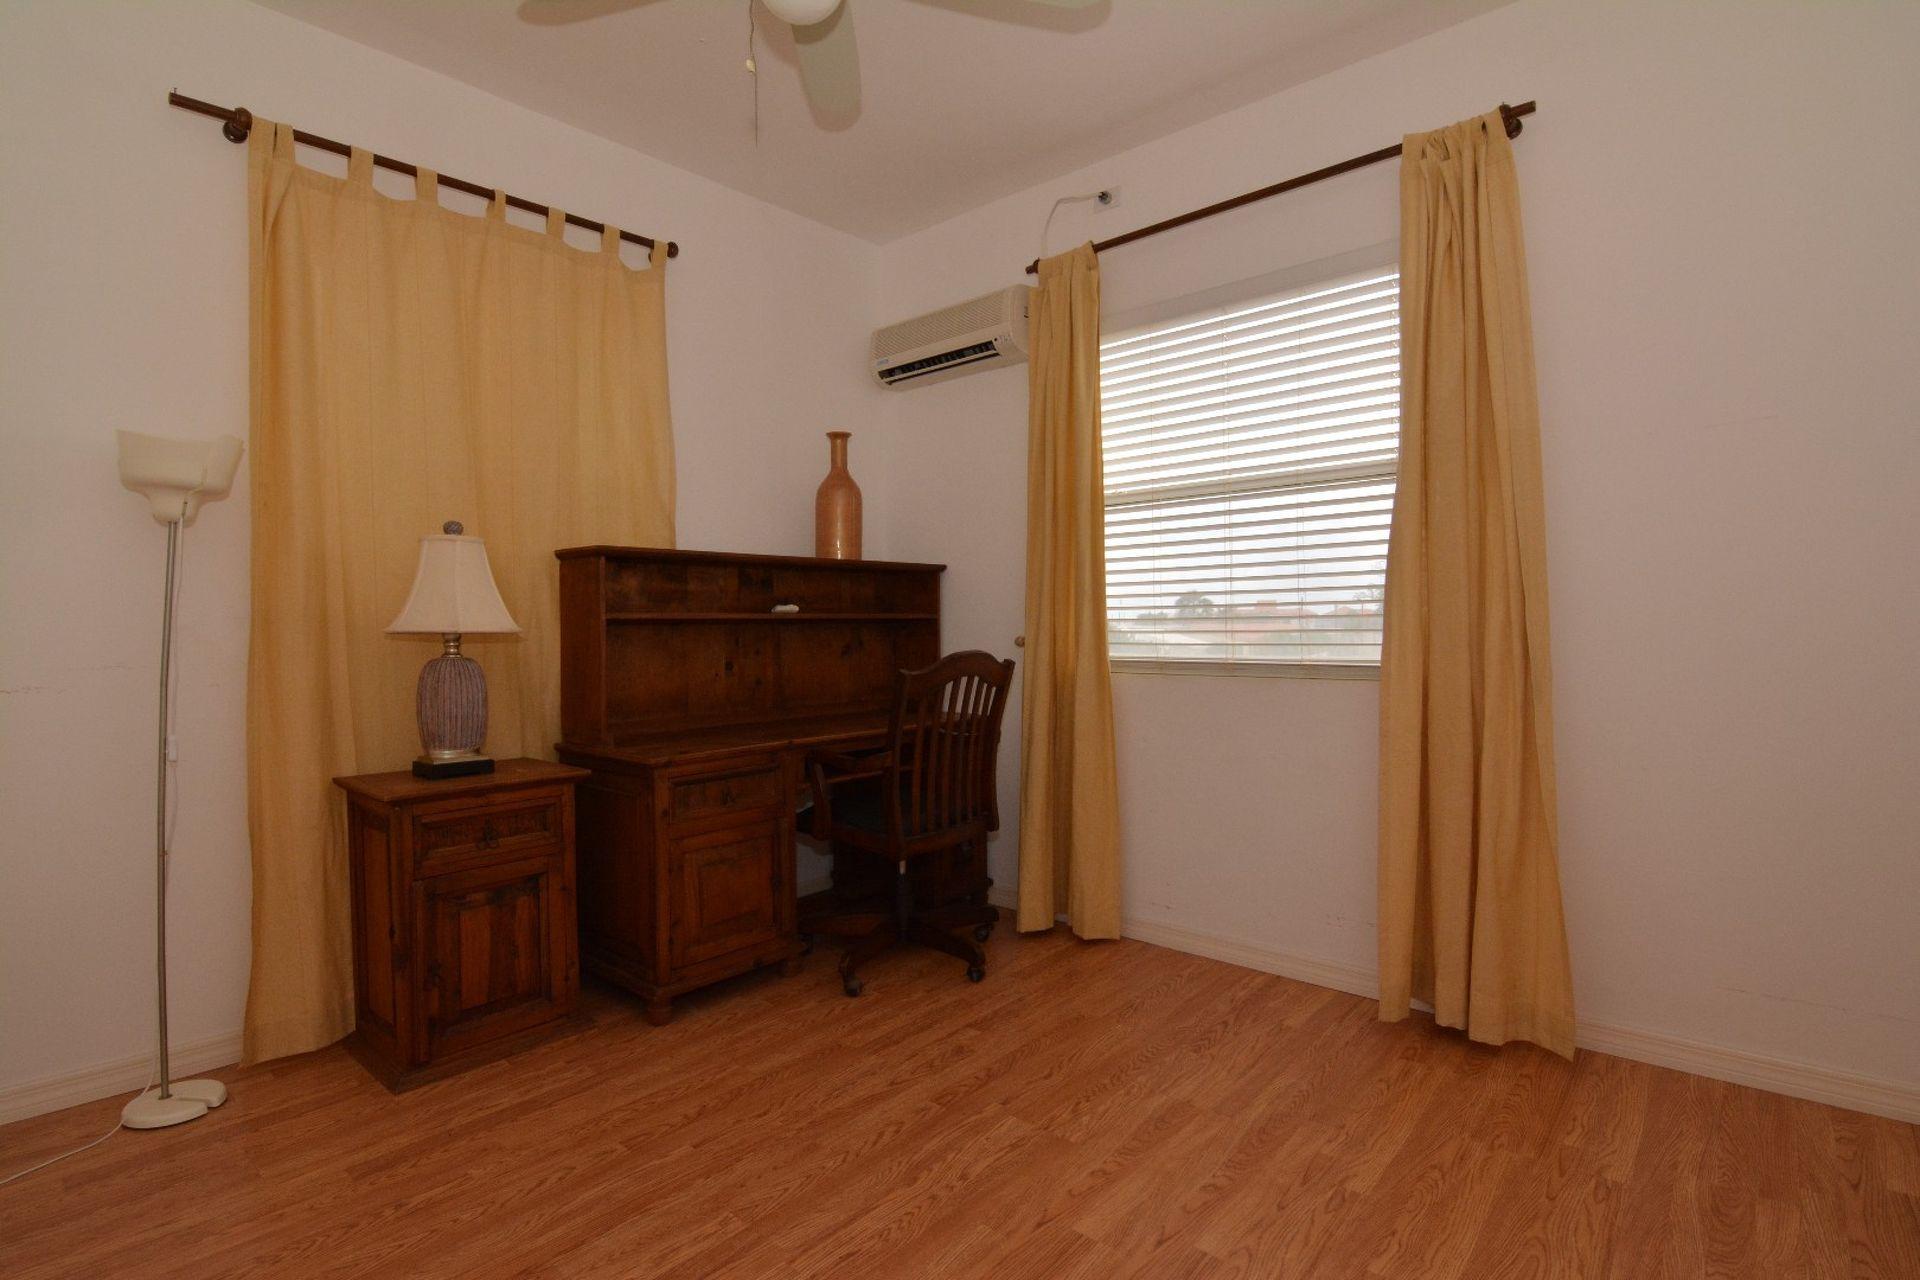 Appartement te koop op bonaire dichtbij caribische zee